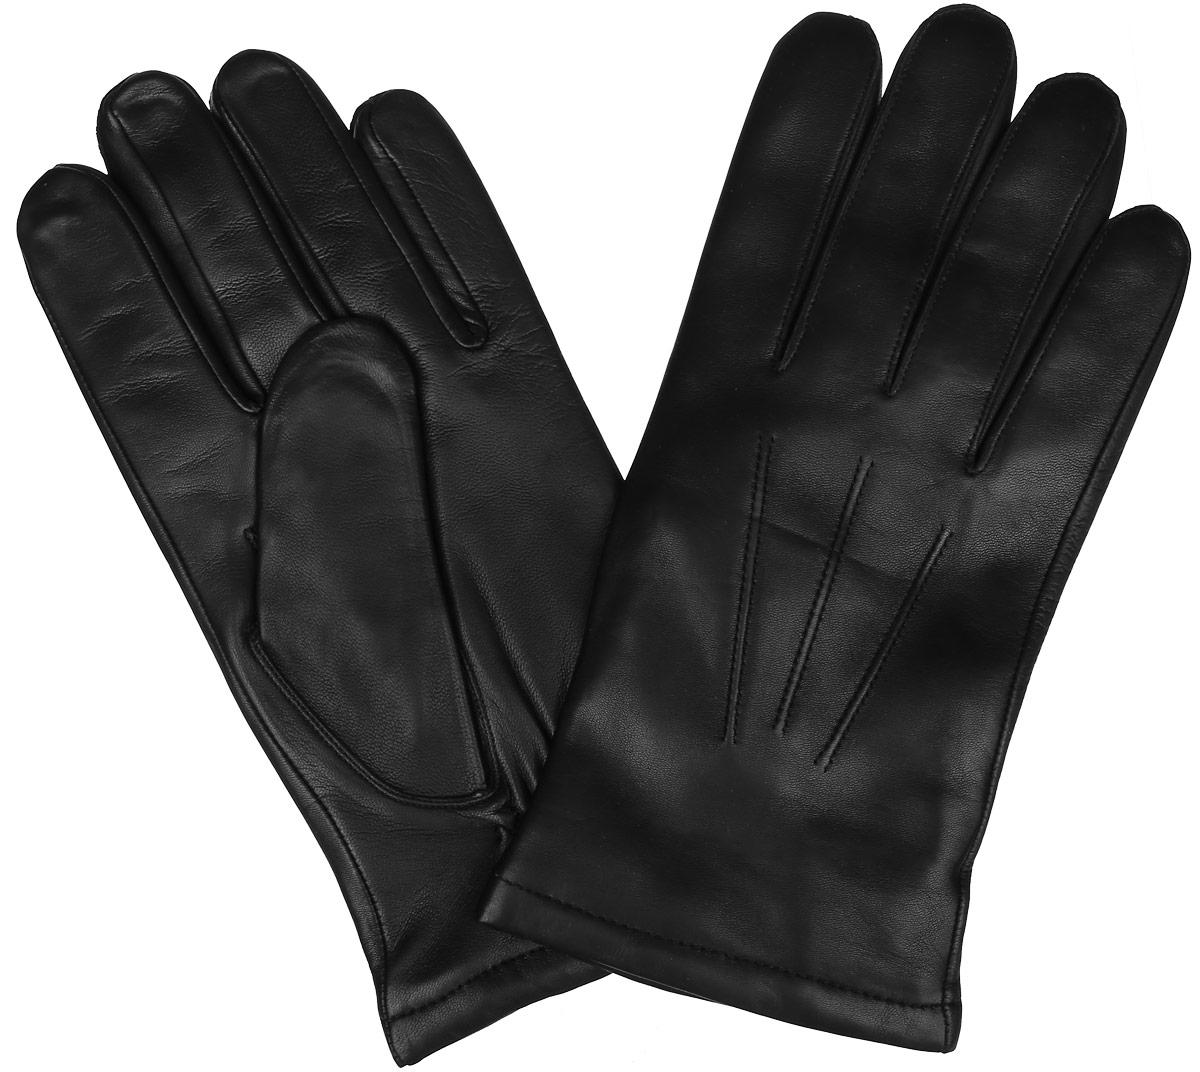 Перчатки мужские. IS133IS133Стильные мужские перчатки Eleganzza не только защитят ваши руки от холода, но и станут великолепным украшением. Перчатки выполнены из натуральной кожи с подкладкой из шерсти. Лицевая сторона оформлена декоративными швами три луча, а на ладонной стороне дополнена стяжкой на запястье. Перчатки станут завершающим и подчеркивающим элементом вашего стиля.